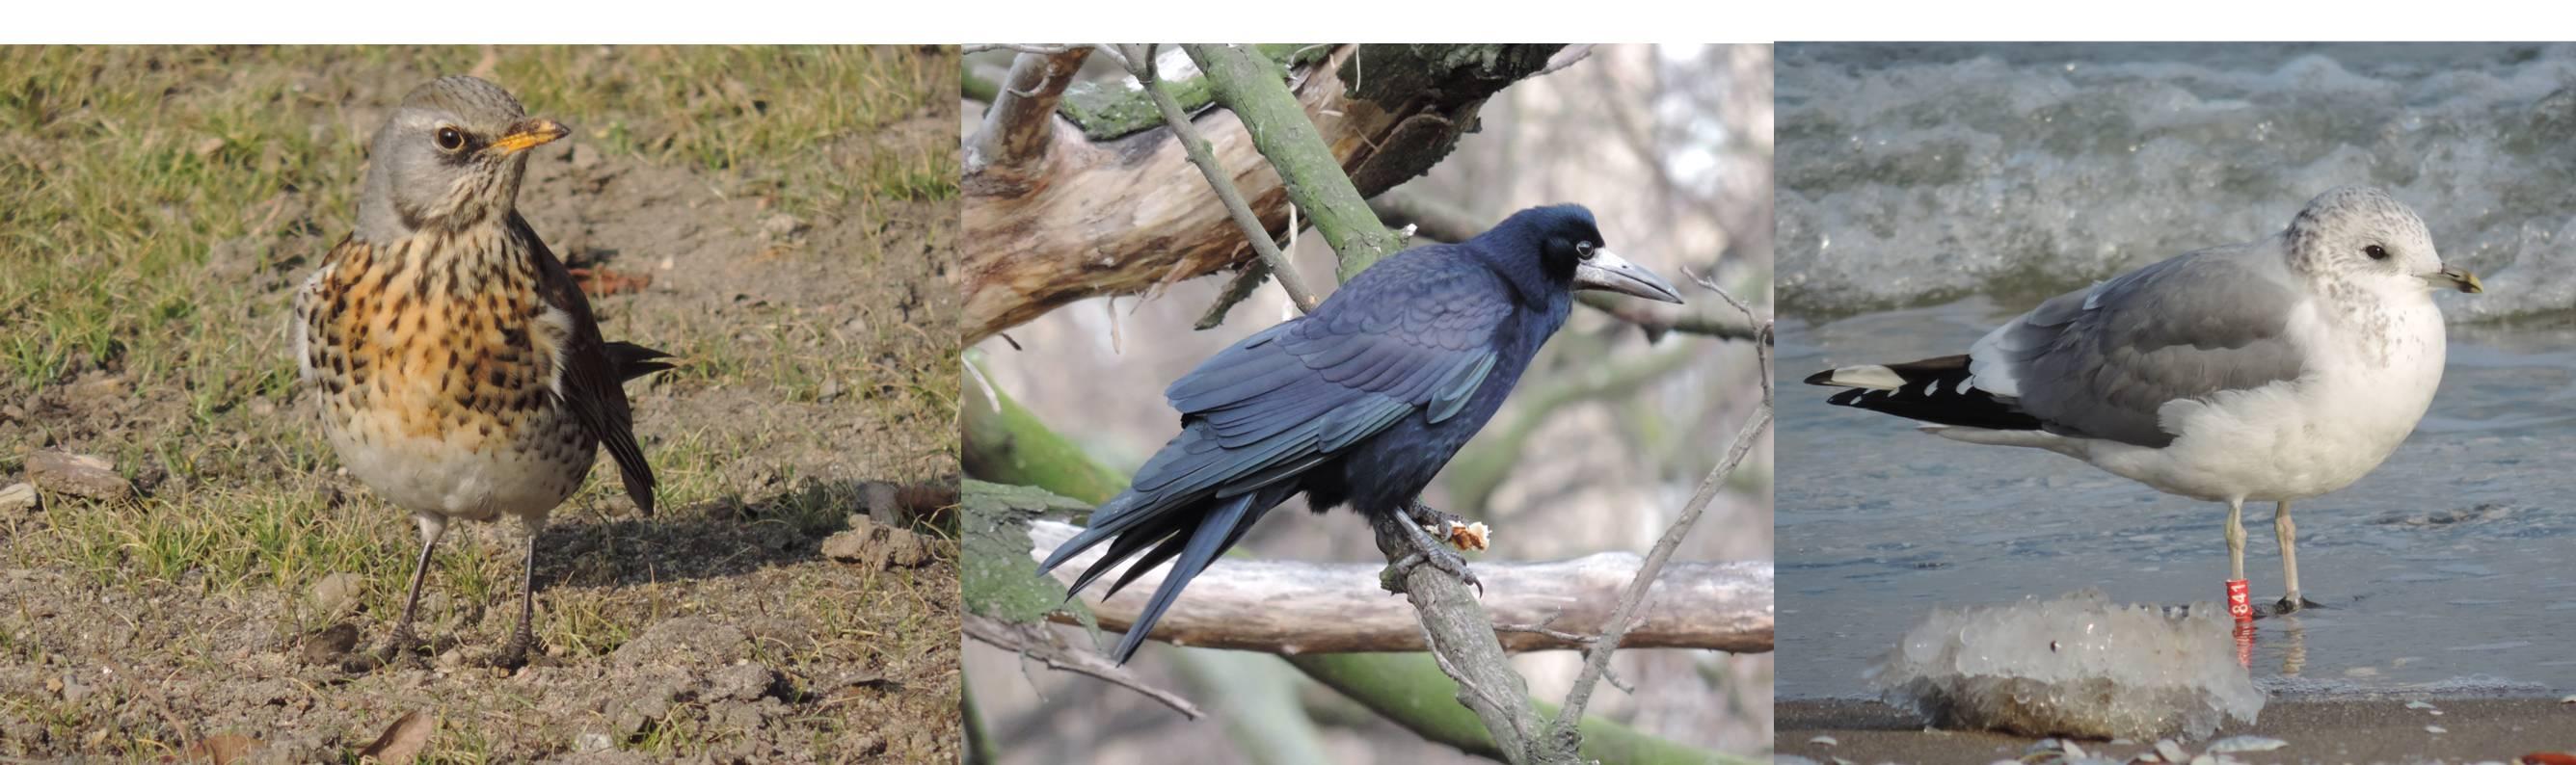 Un placer disfrutar de estas aves comunes y confiadas en Polonia, frente a su escasez o timidez en España.